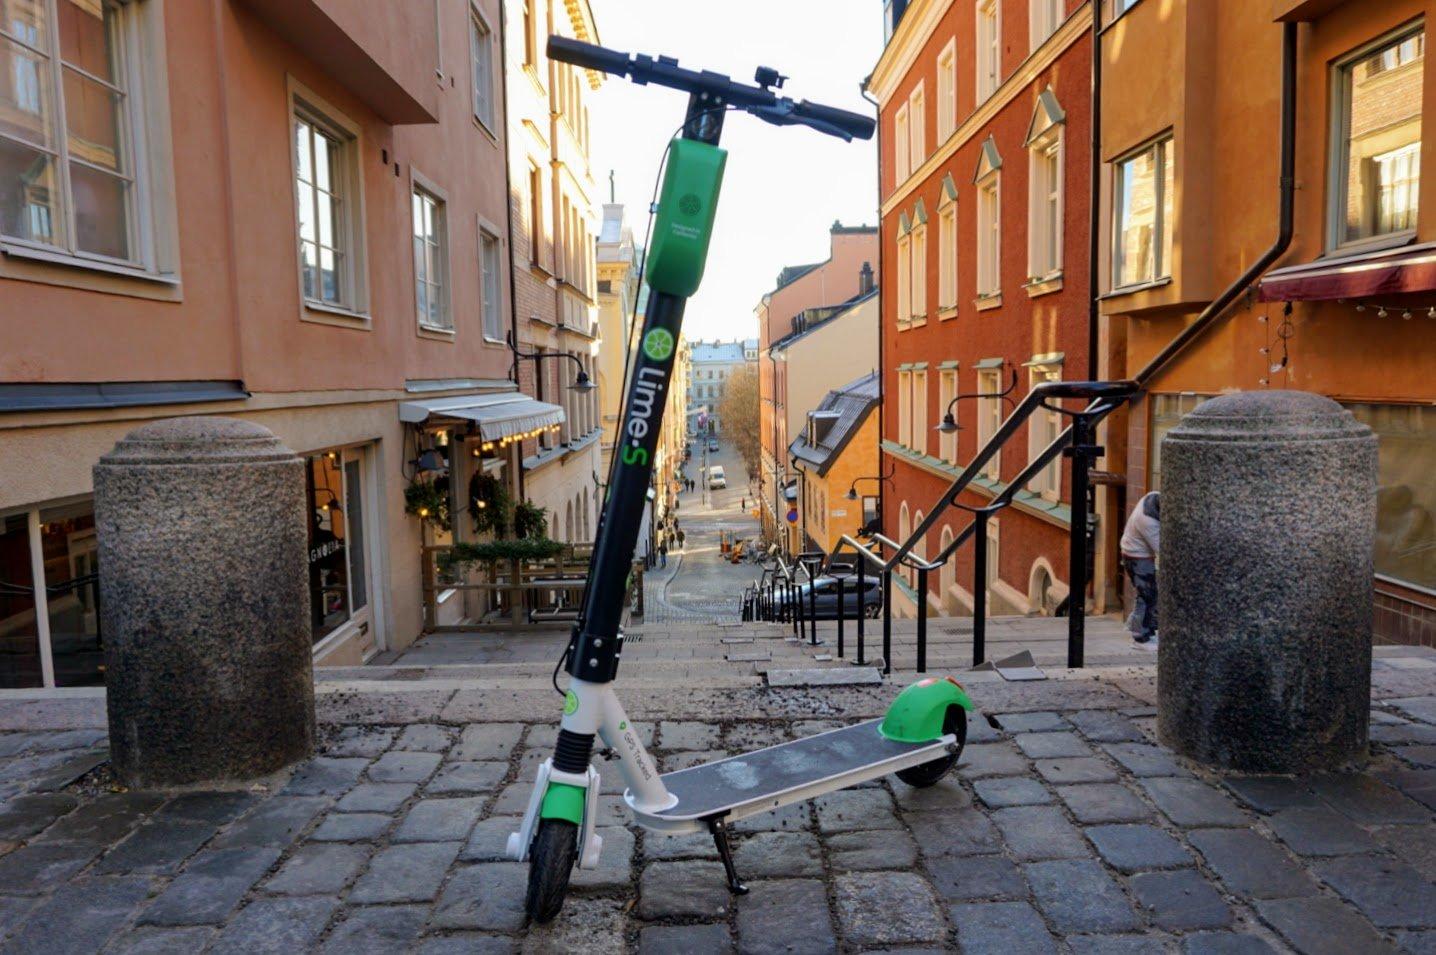 Stockholm remporte un prix pour le transport propre alors que les scooters de chaux dépassent le million de sorties